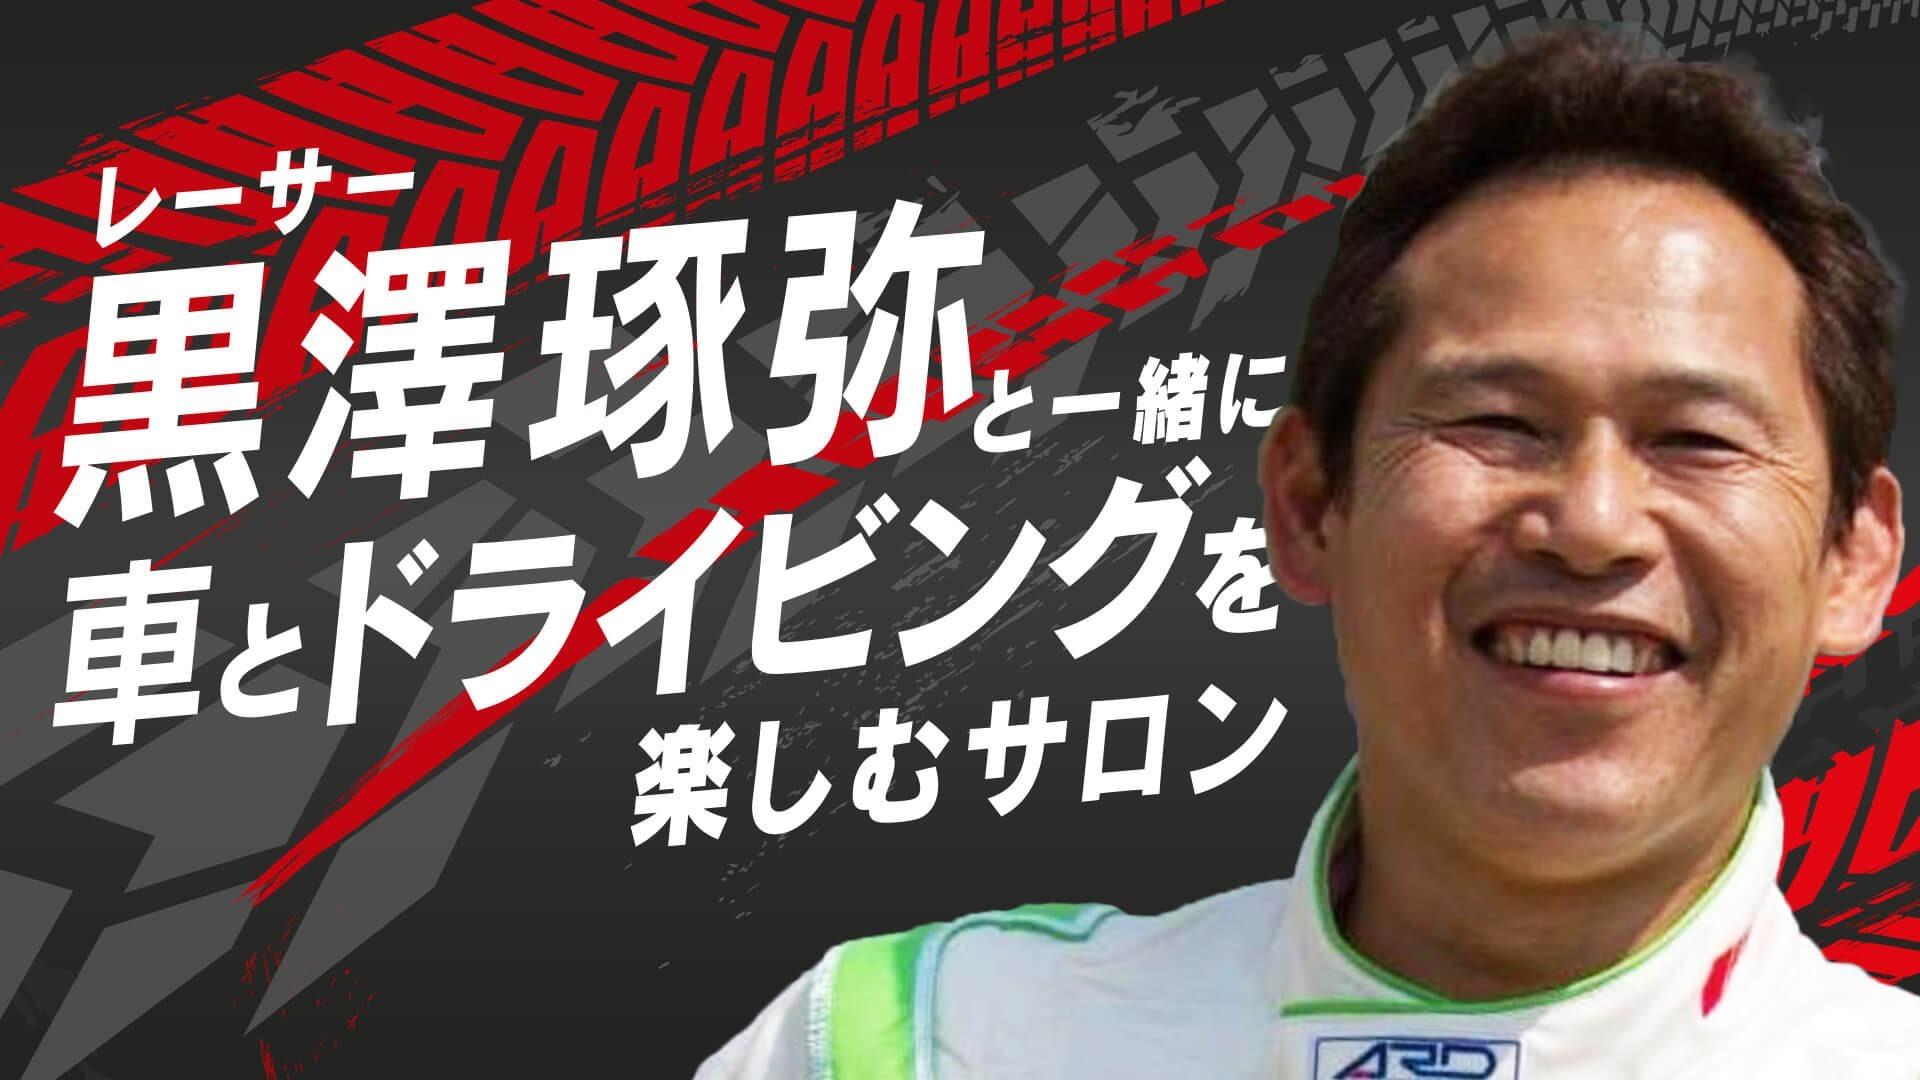 レーサー黒澤琢弥と一緒に車とドライビングを楽しむサロン